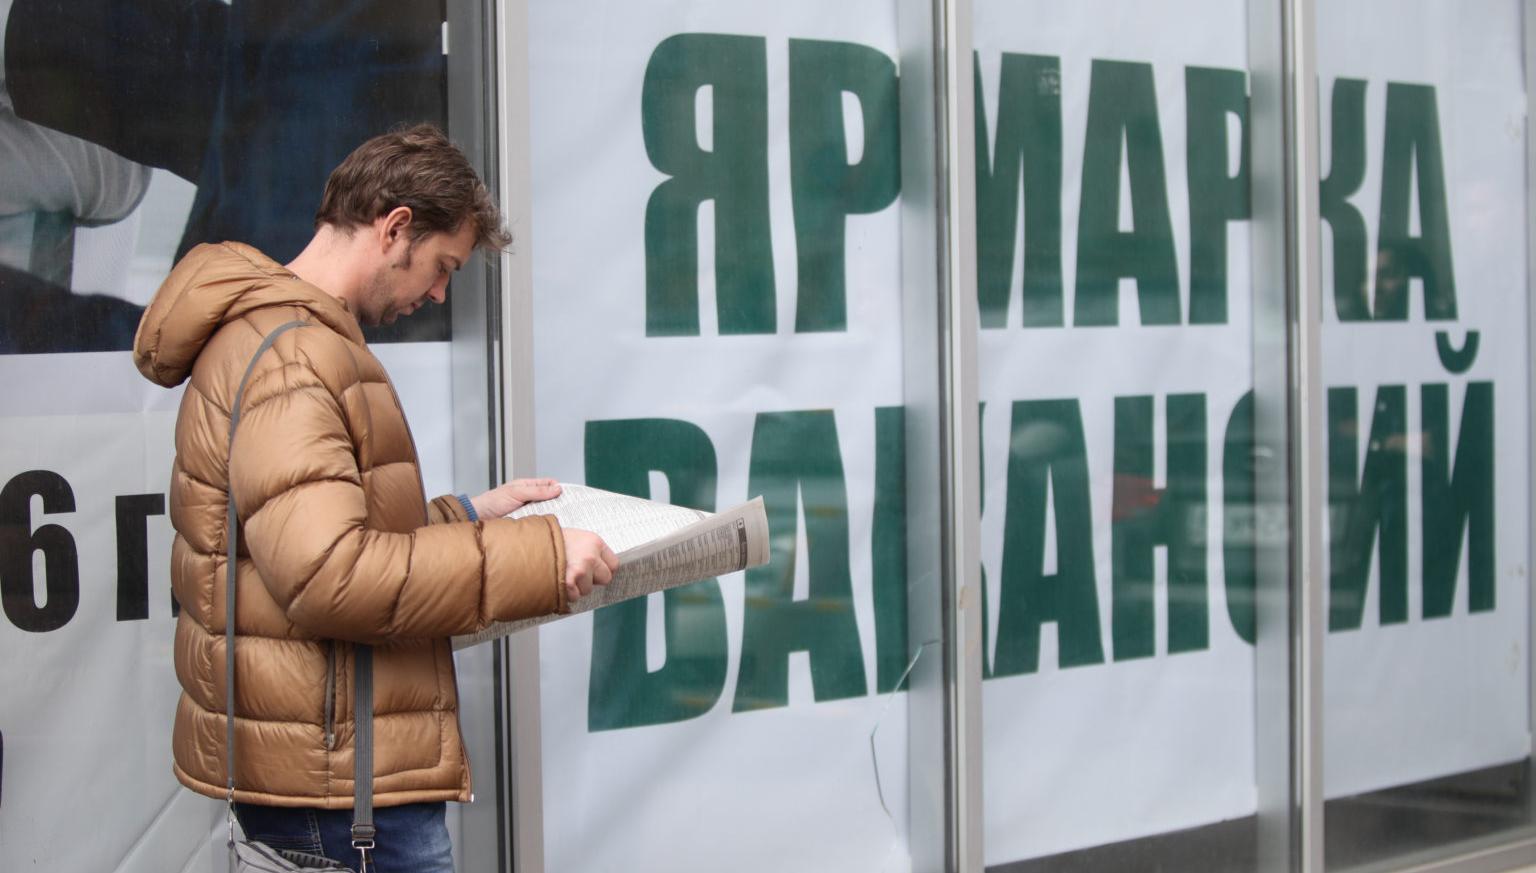 Тверская область в ЦФО заняла 7 место по занятости населения и 6 – по безработице - новости Афанасий